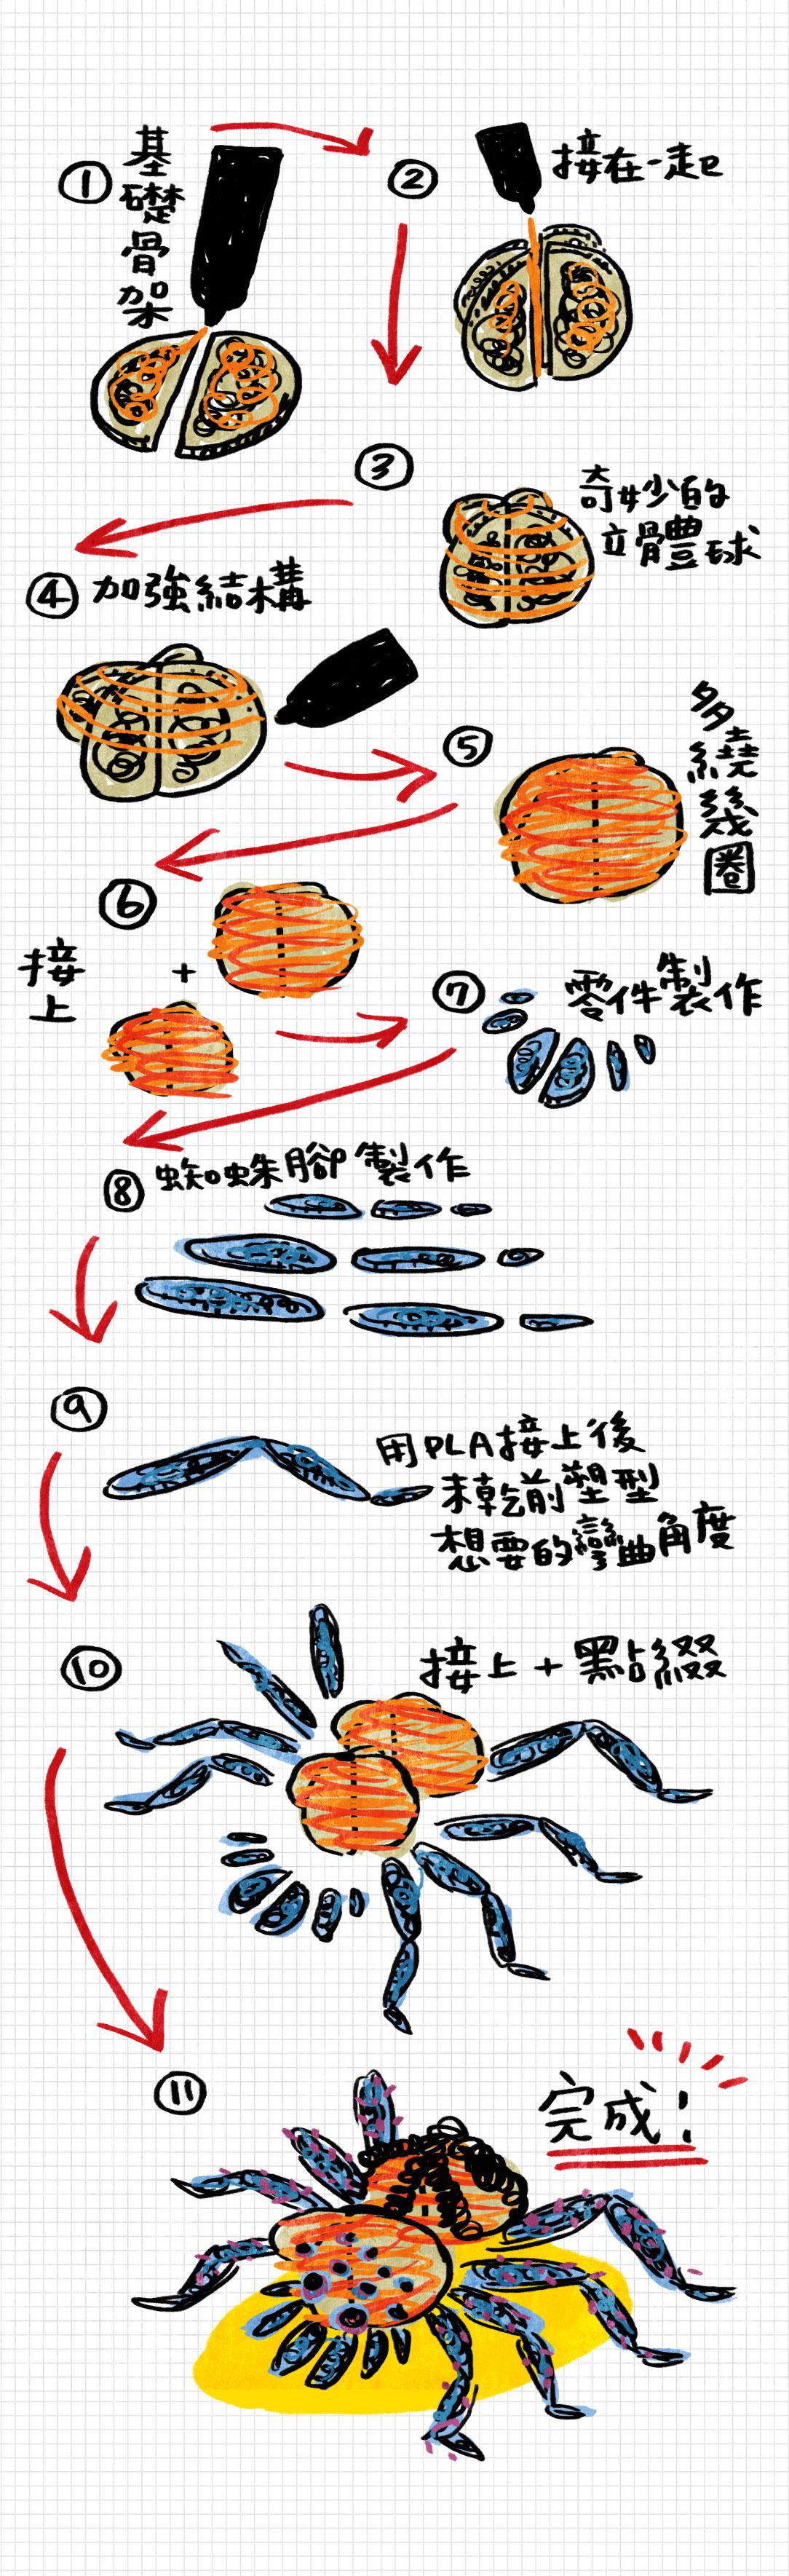 3dlie_yin_bi_zhi_zhu_jie_shuo_tu__0